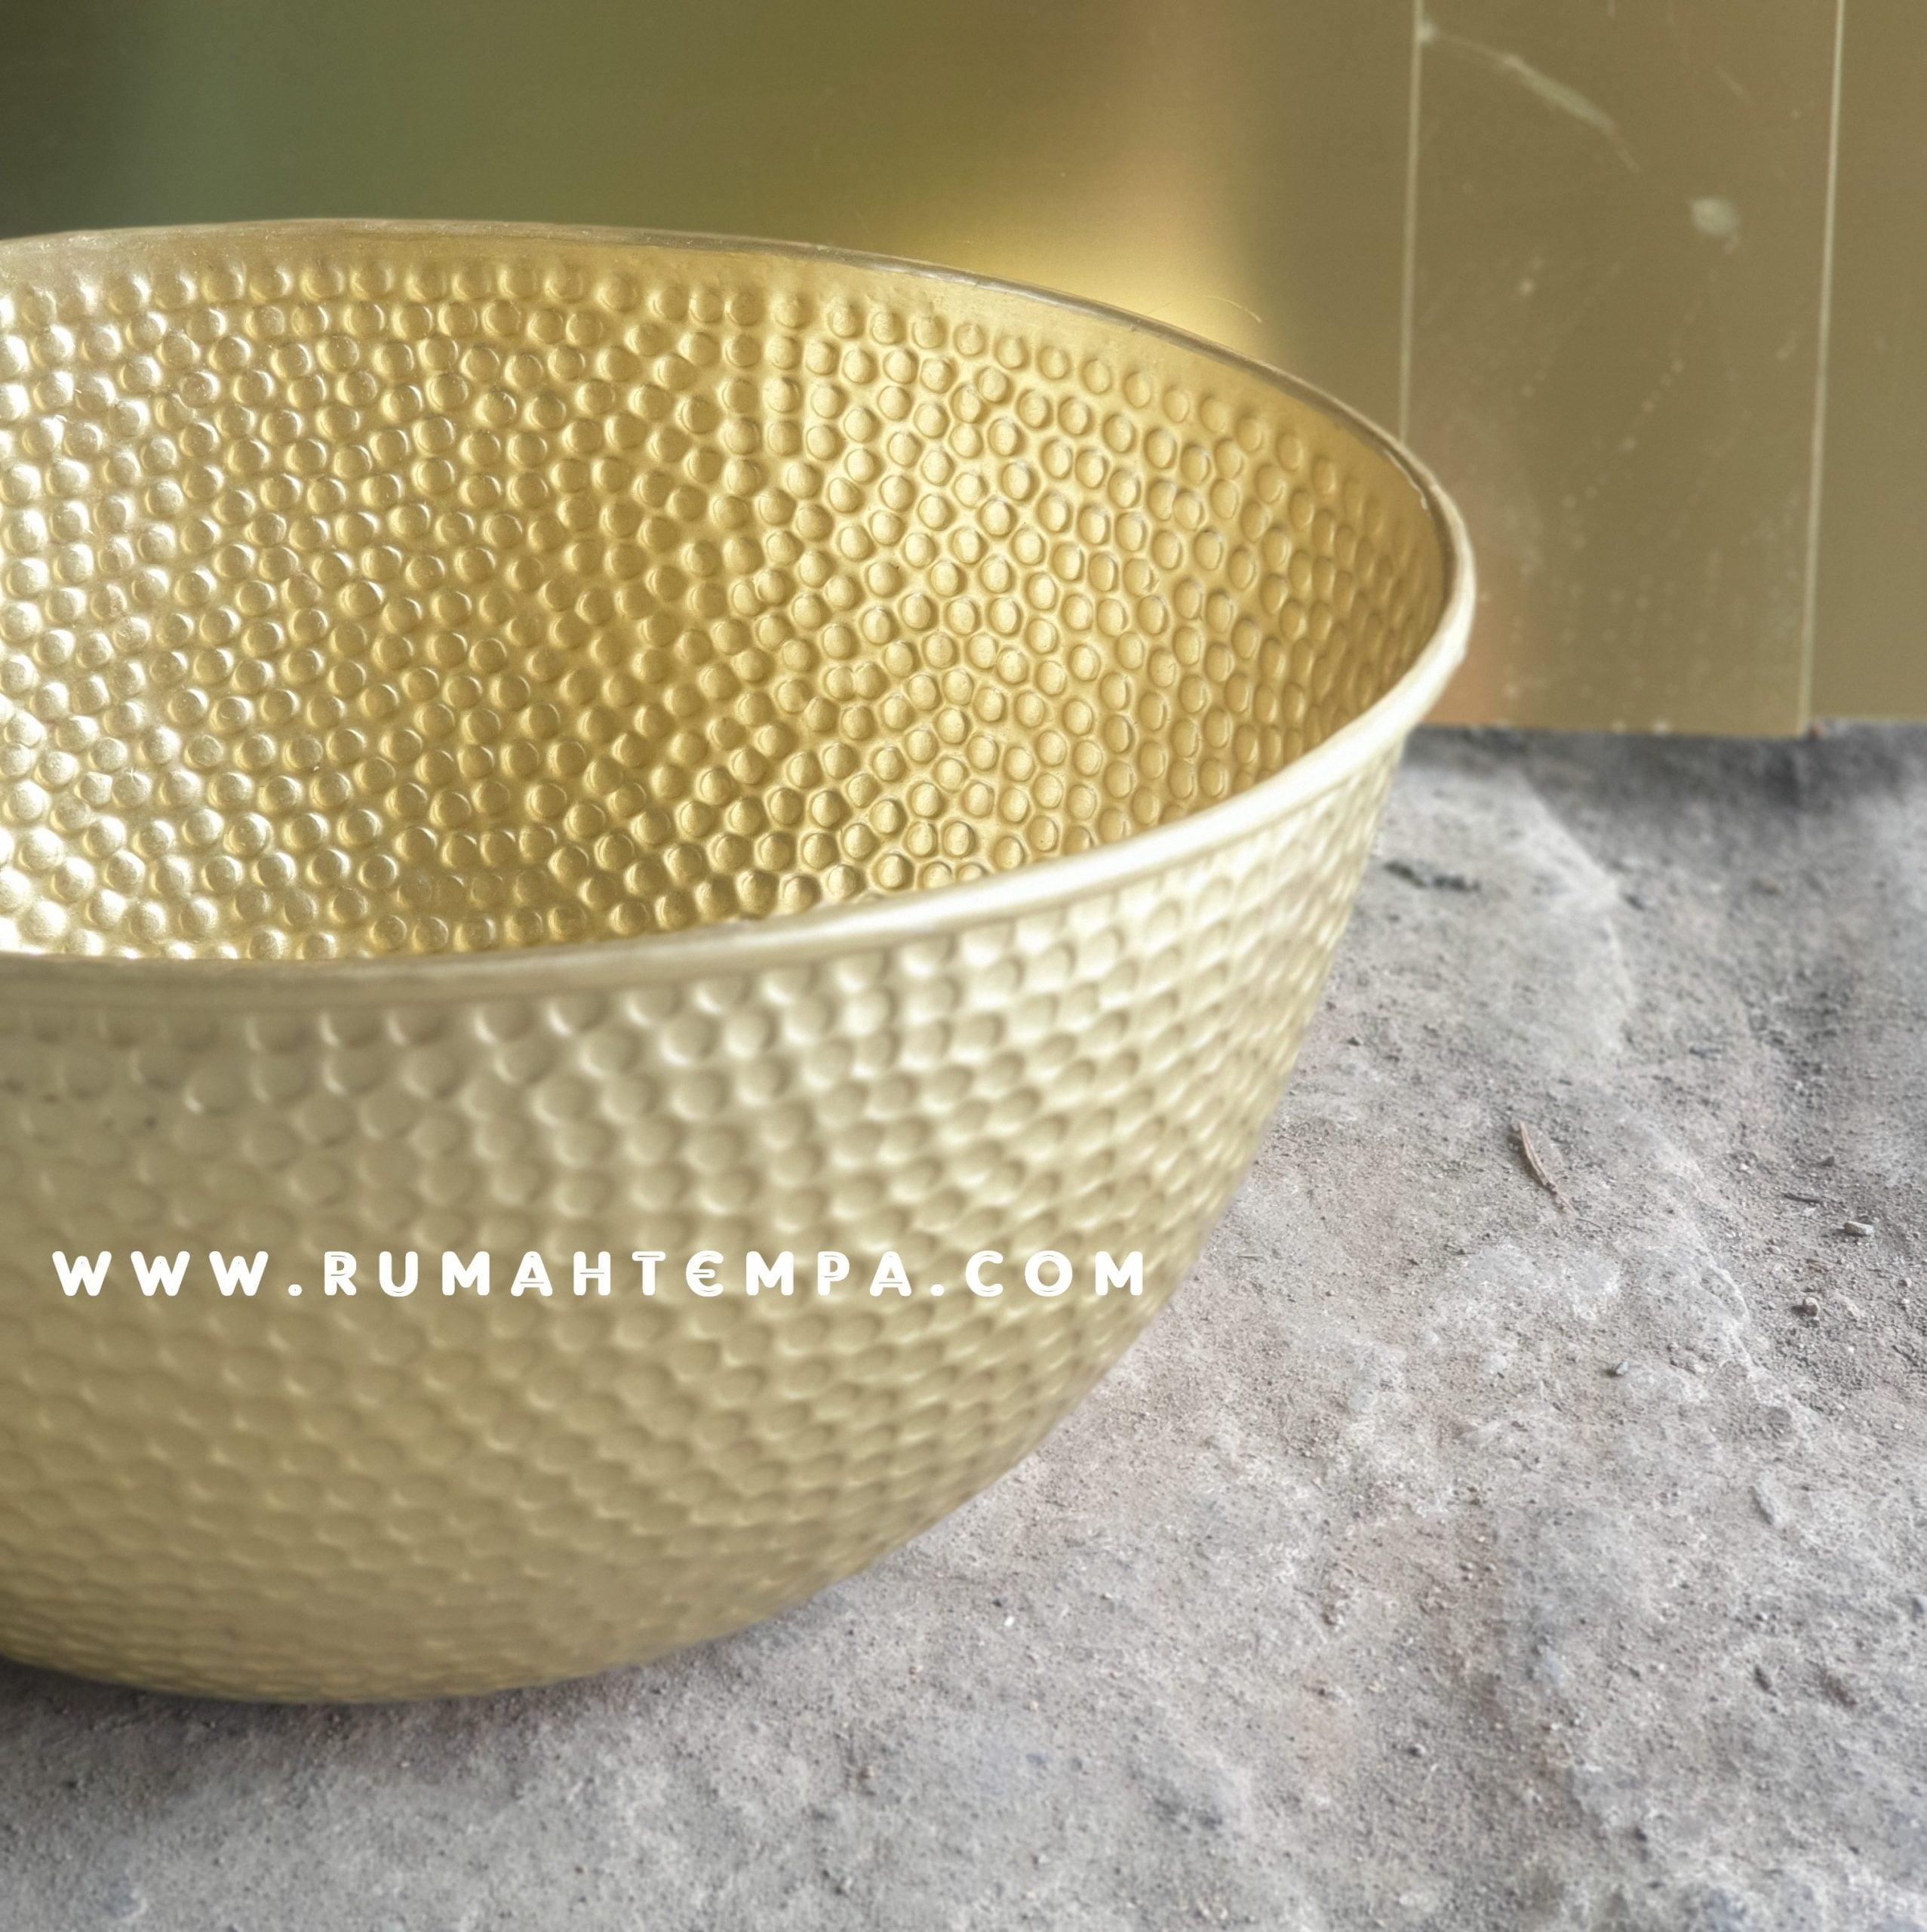 pengrajin bowl kuningan